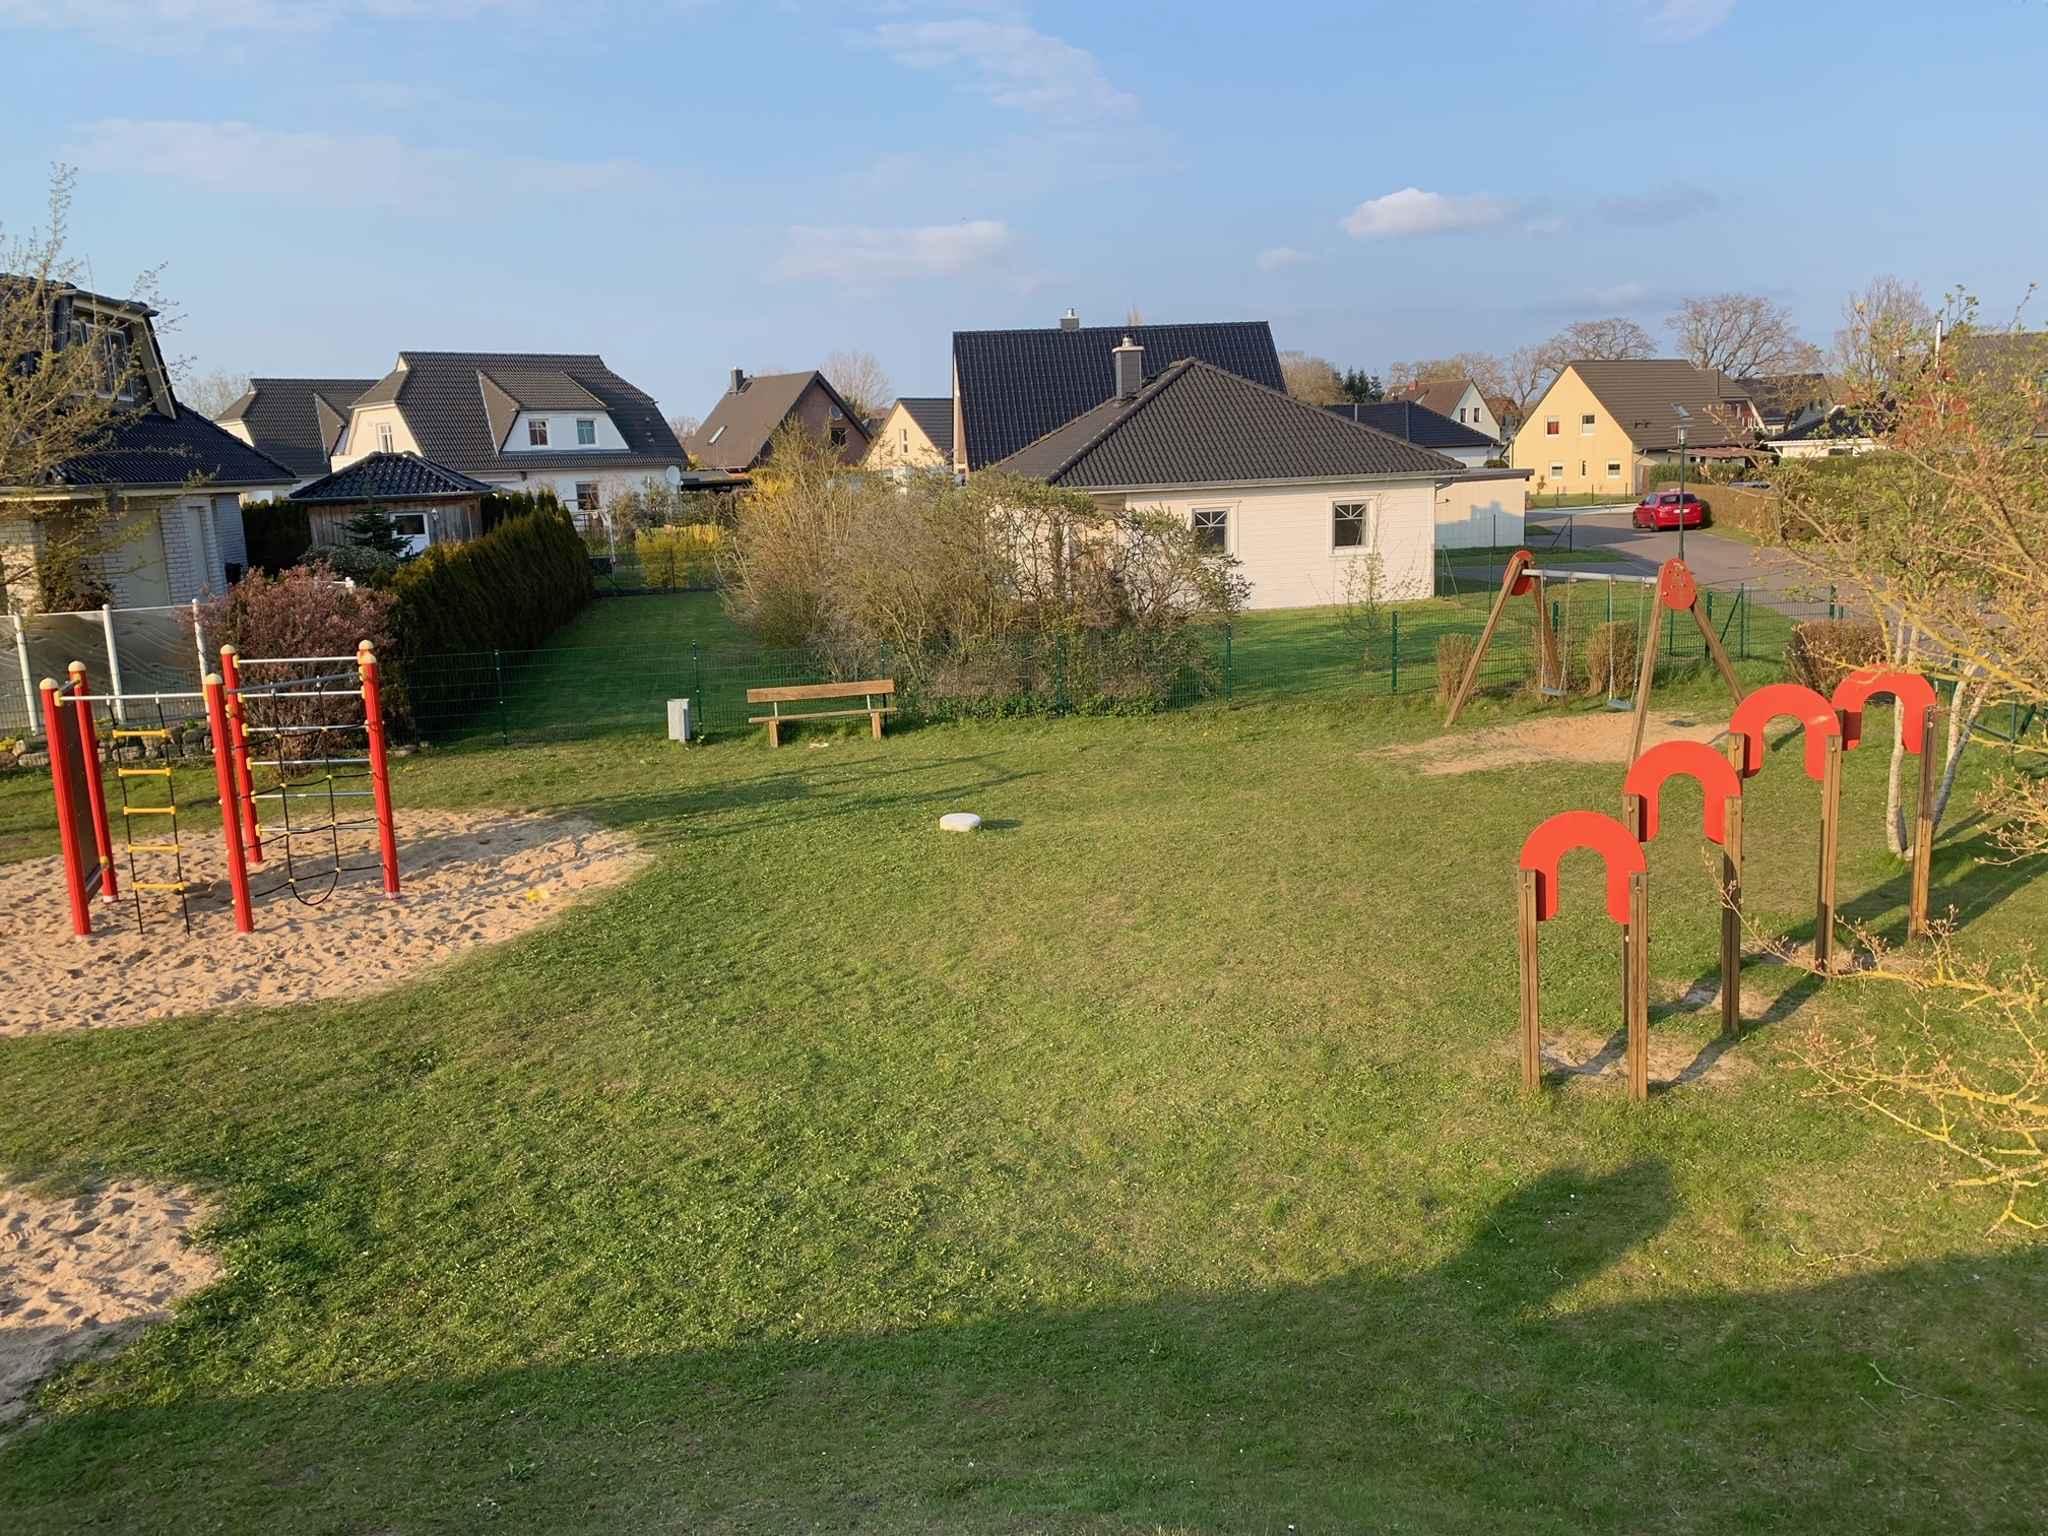 Ferienwohnung mit Garten, direkt im Kranichrastgebiet (360789), Klausdorf, Stralsund, Mecklenburg-Vorpommern, Deutschland, Bild 7